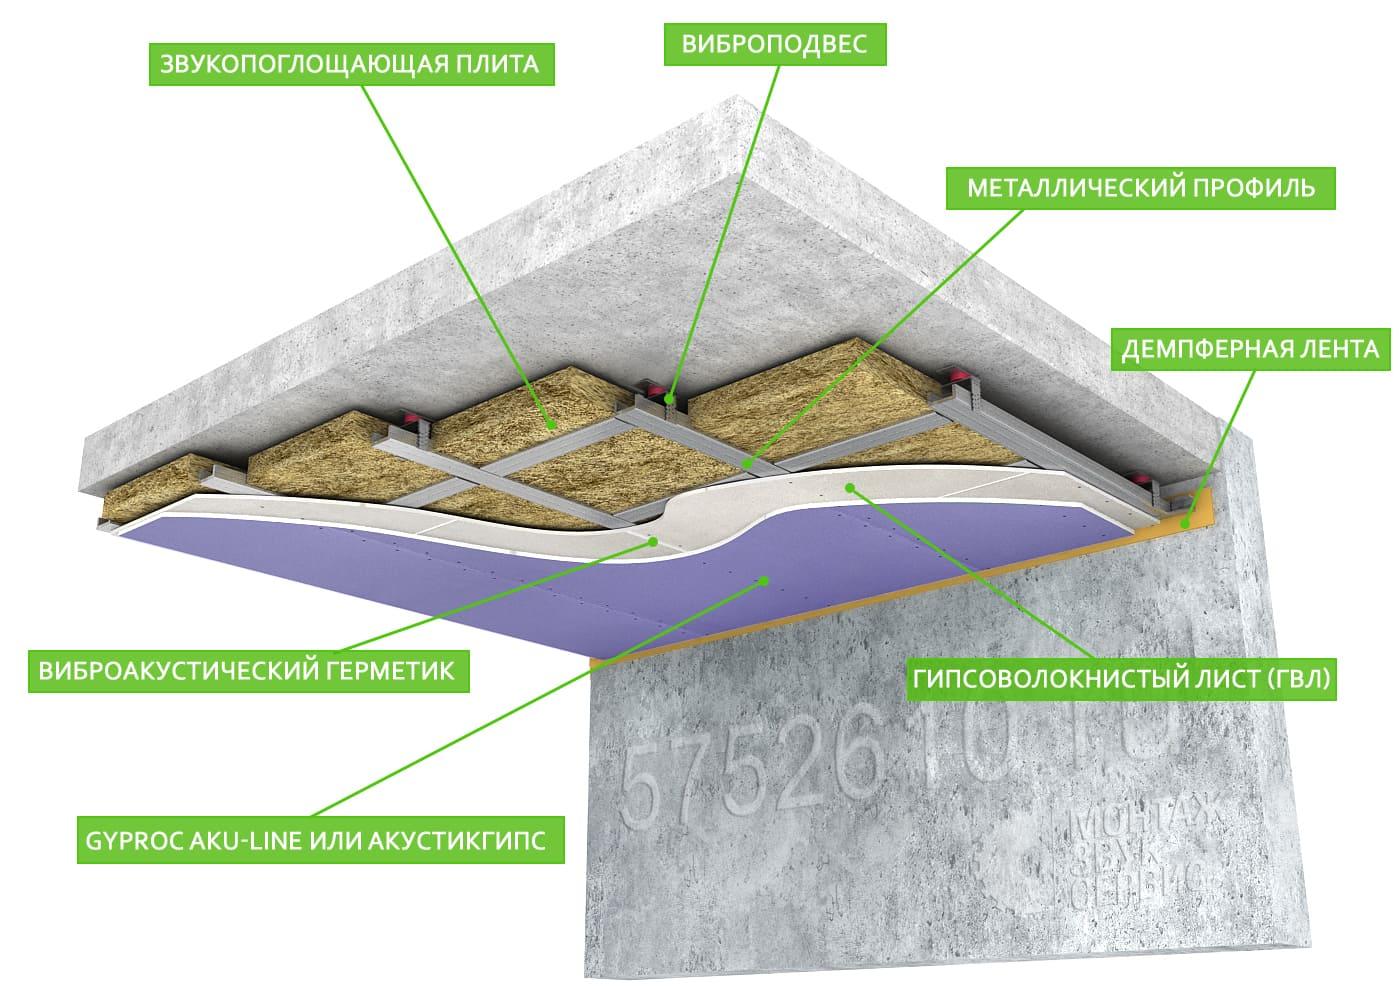 Шумоизоляция потолка в квартире с готовым ремонтом